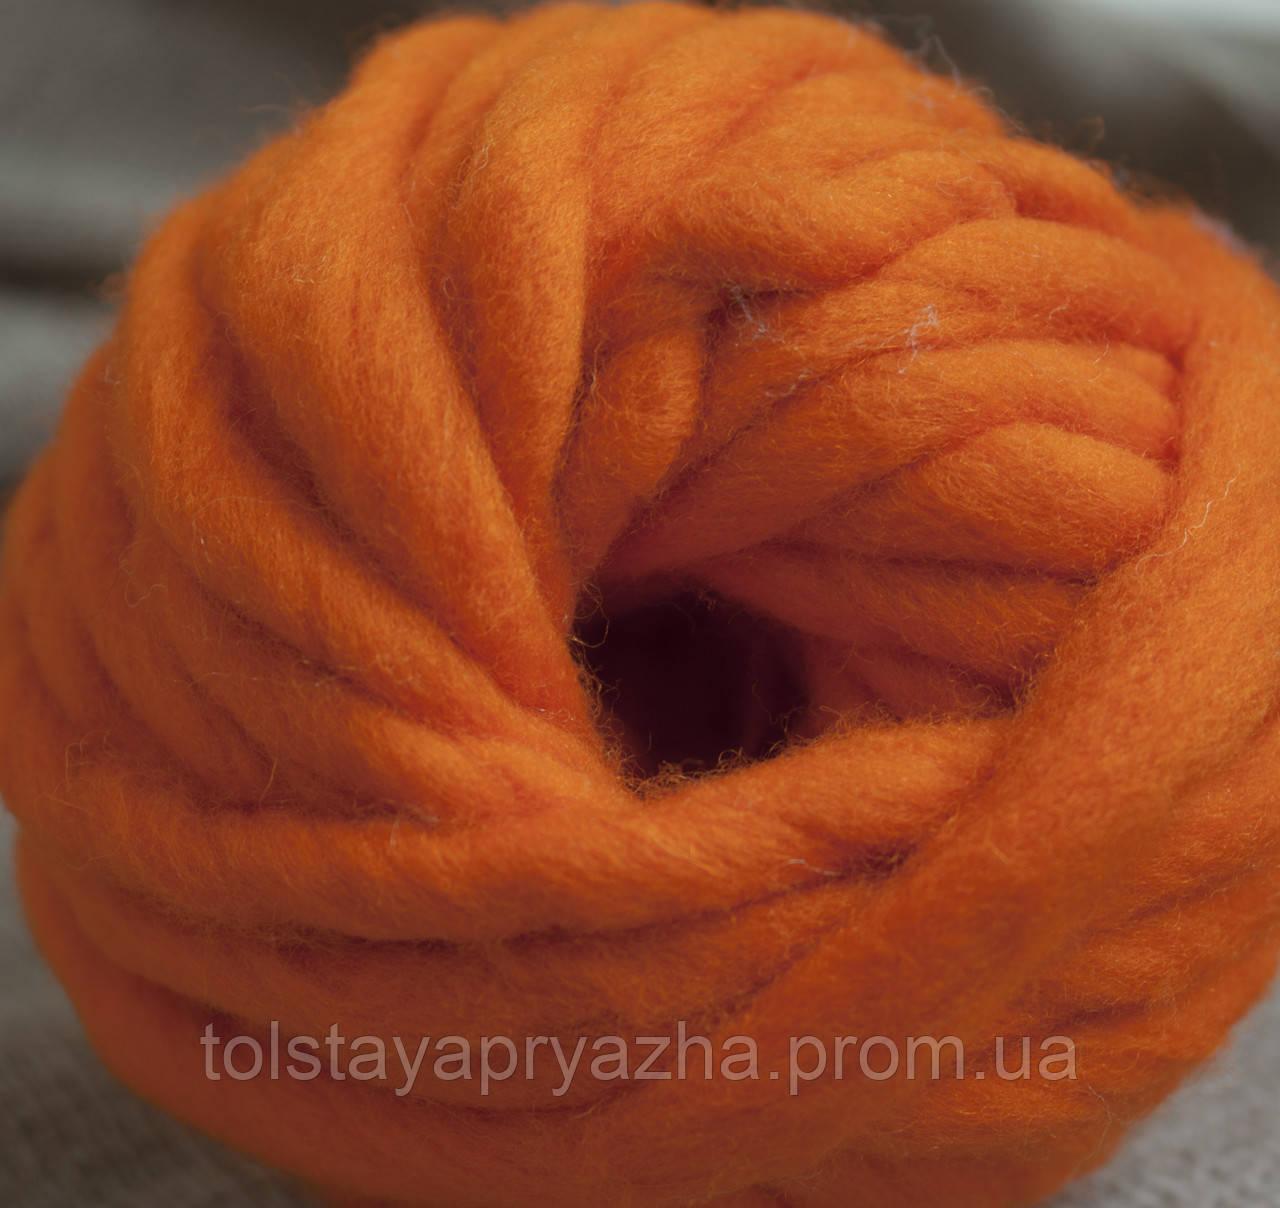 Толстая пряжа ручного прядения Elina Tolina  100% шерсть (обработана) яркий апельсин